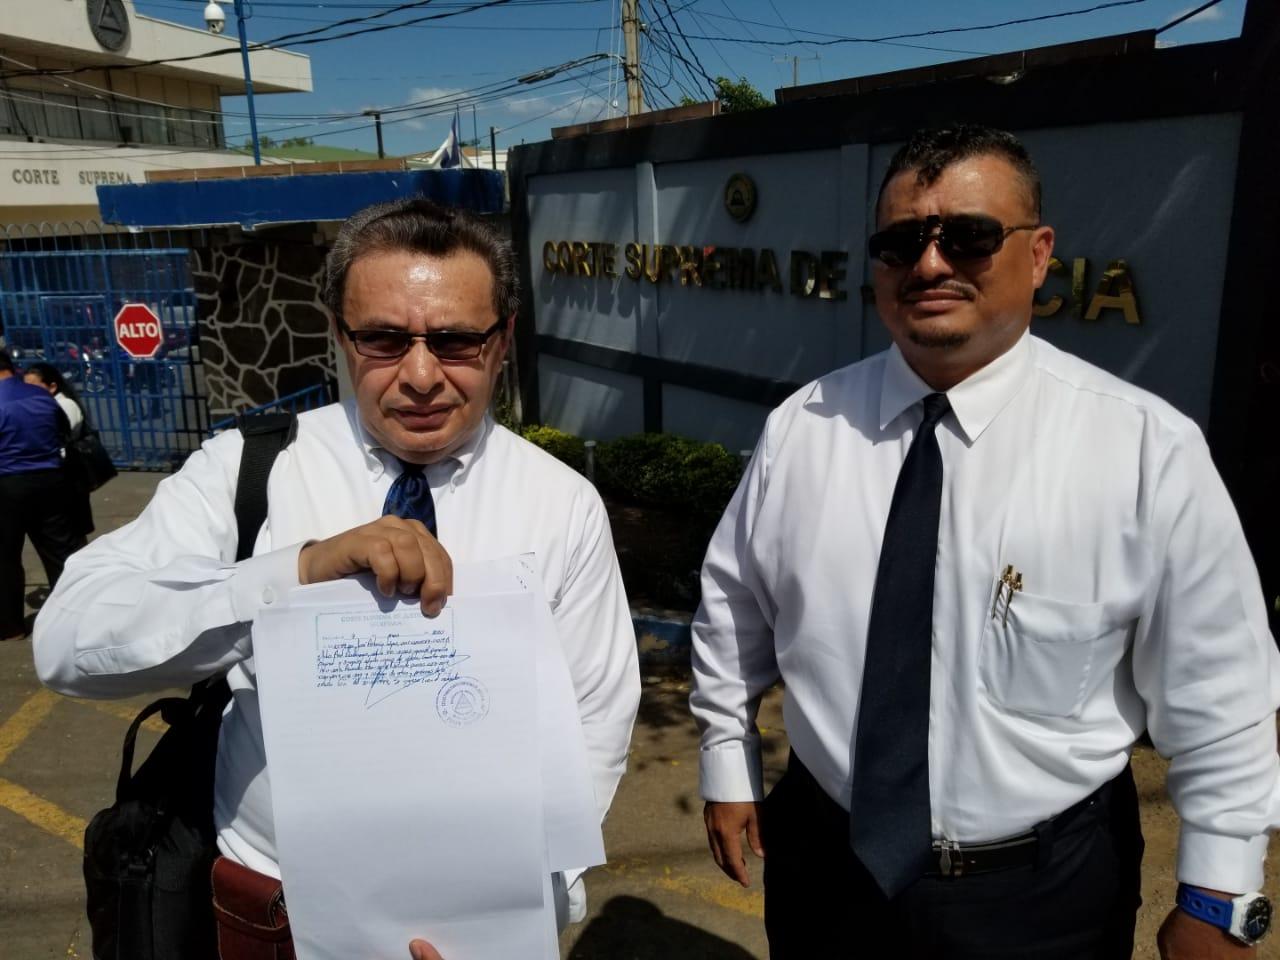 Abogados Defensores del Pueblo recurren por inconstitucionalidad por nombramiento de Julio César aviles como jefe del Ejército. Foto: Wilmer Benavides